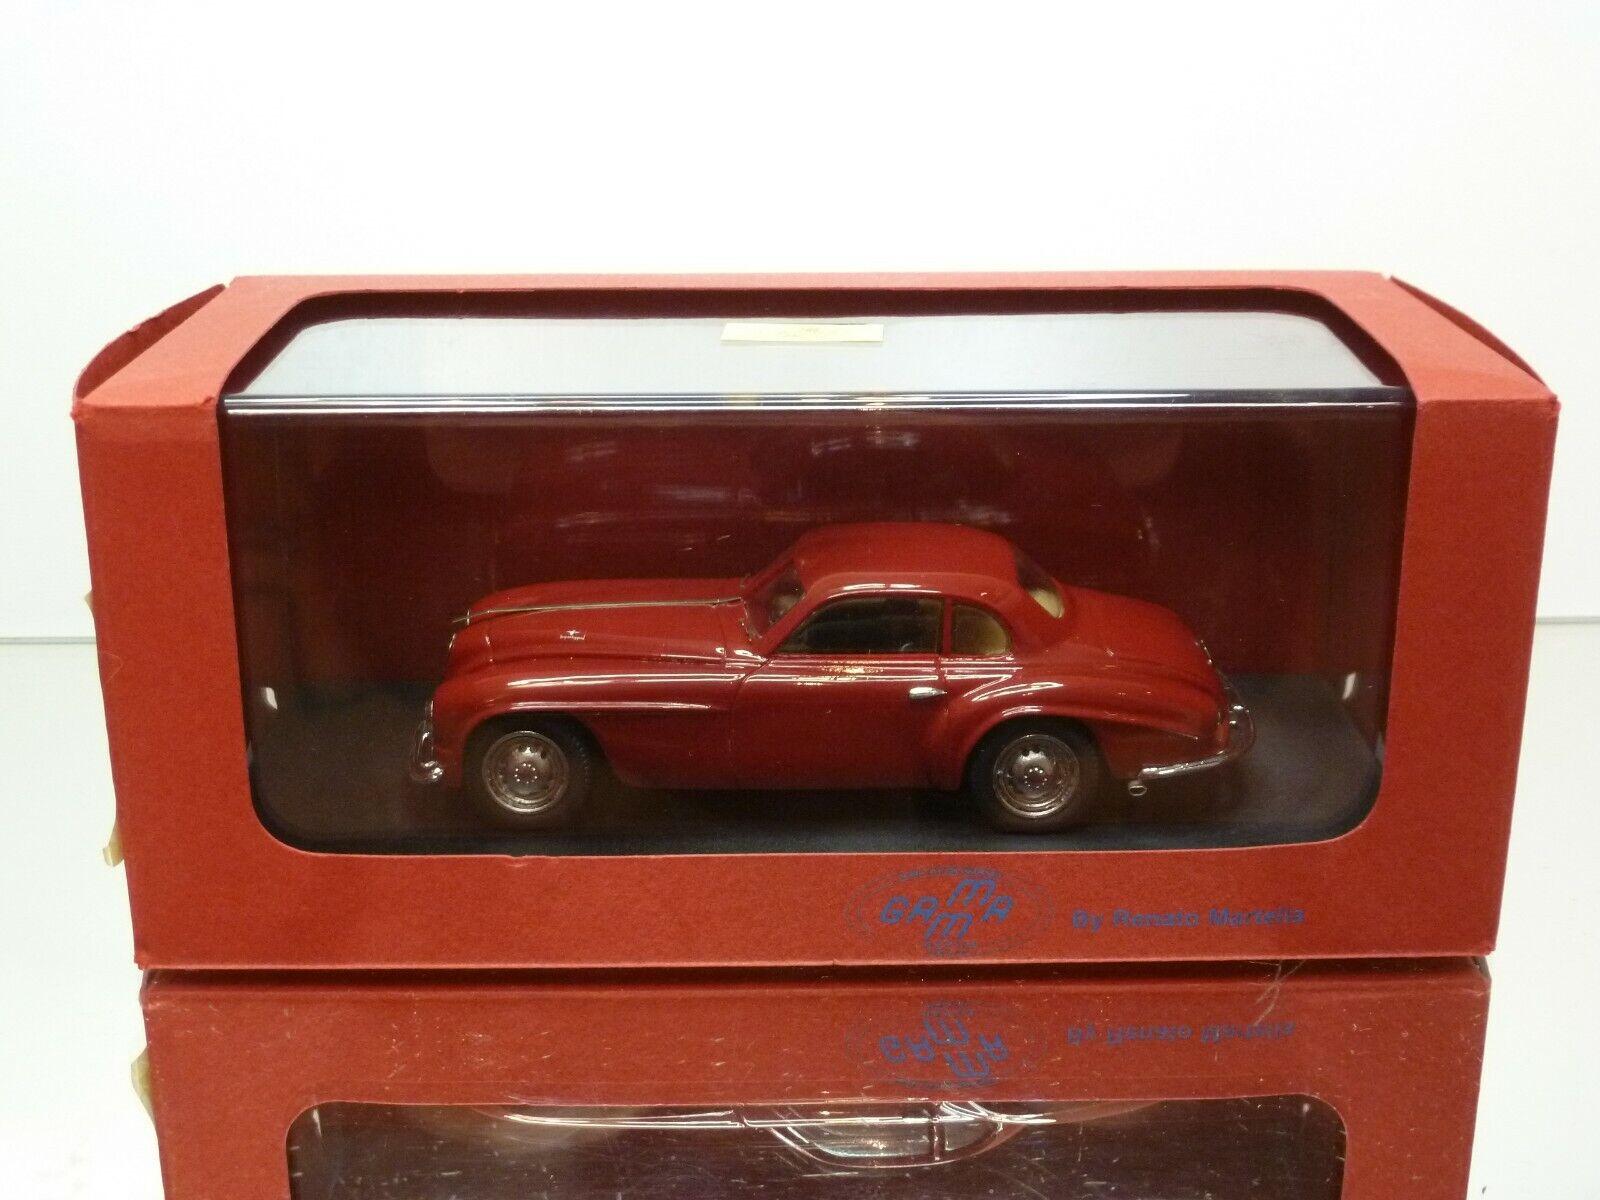 GAMMA SG-001A ALFA ROMEO 2500 SS VILLA d'ESTE COUPE -rojo 1 43 - EXCELLENT IN BOX